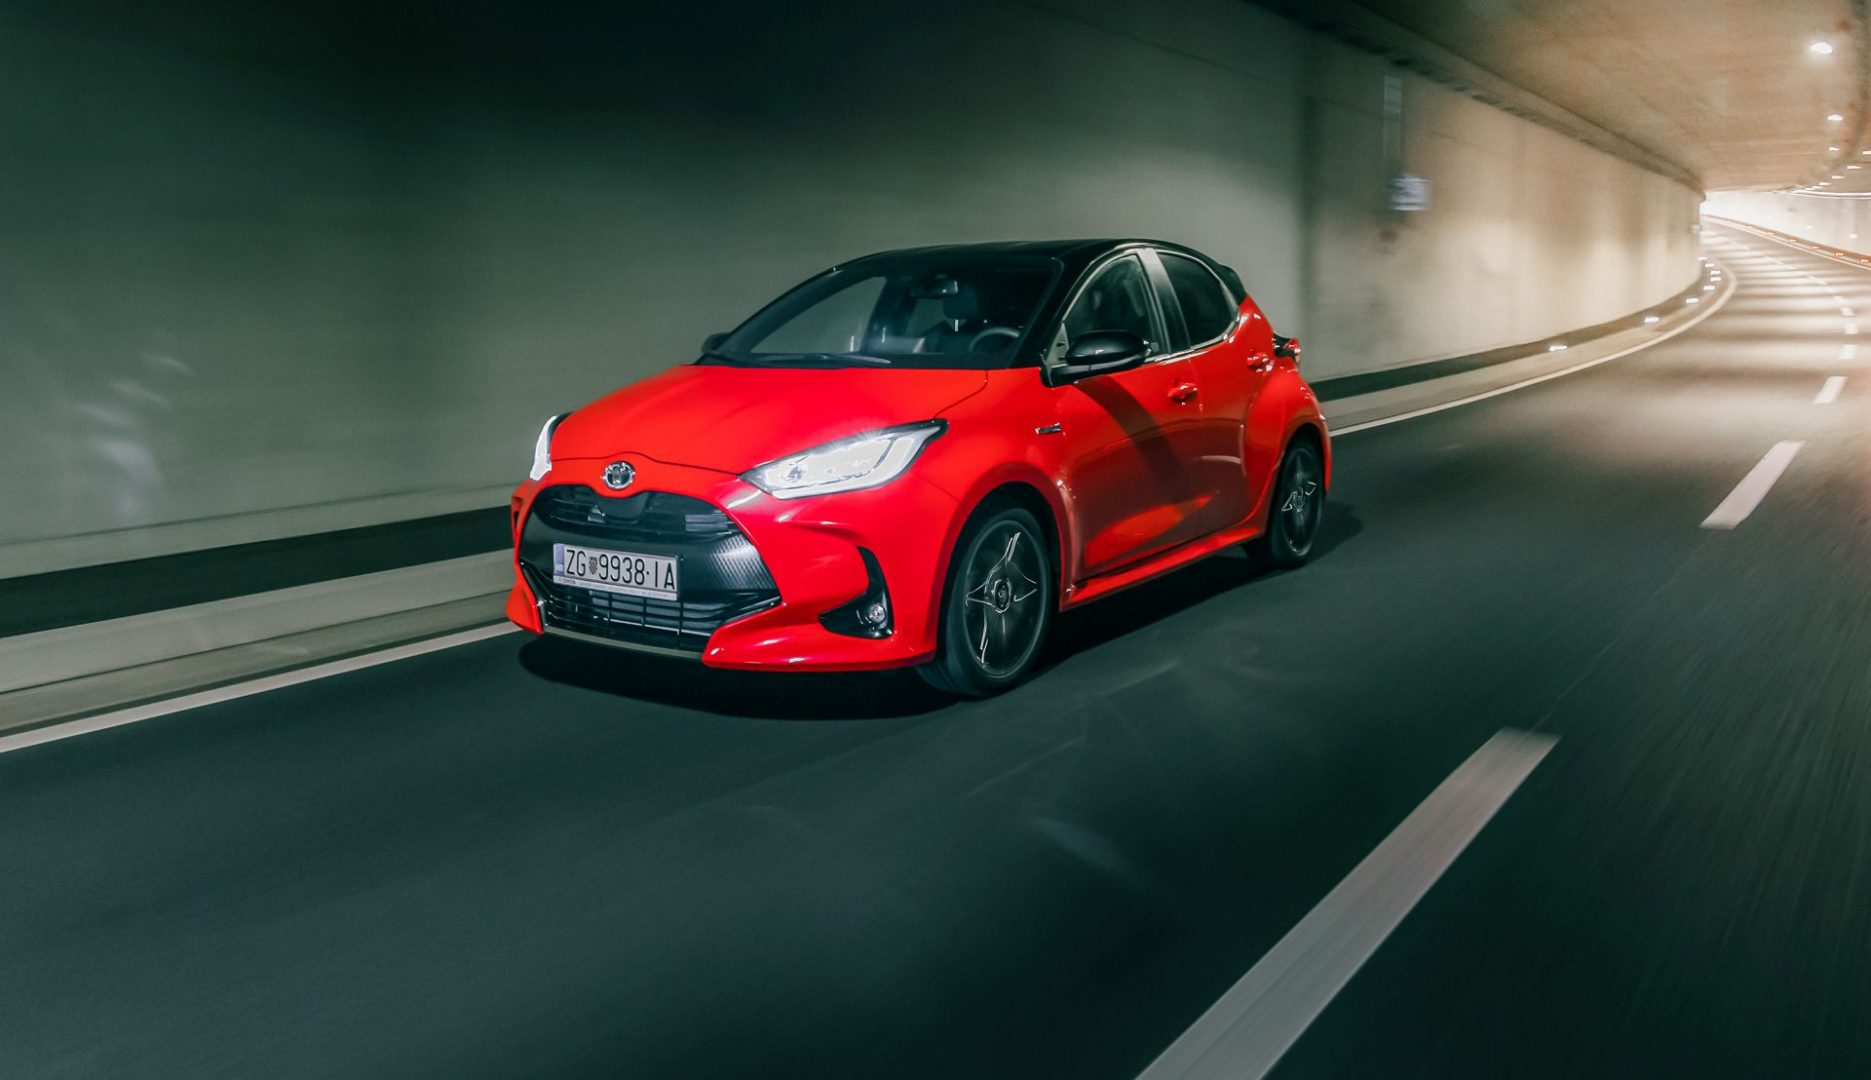 Stigla je nova Toyota Yaris s benzinskim i hibridnim pogonom, a cijene kreću od 106.800 kn